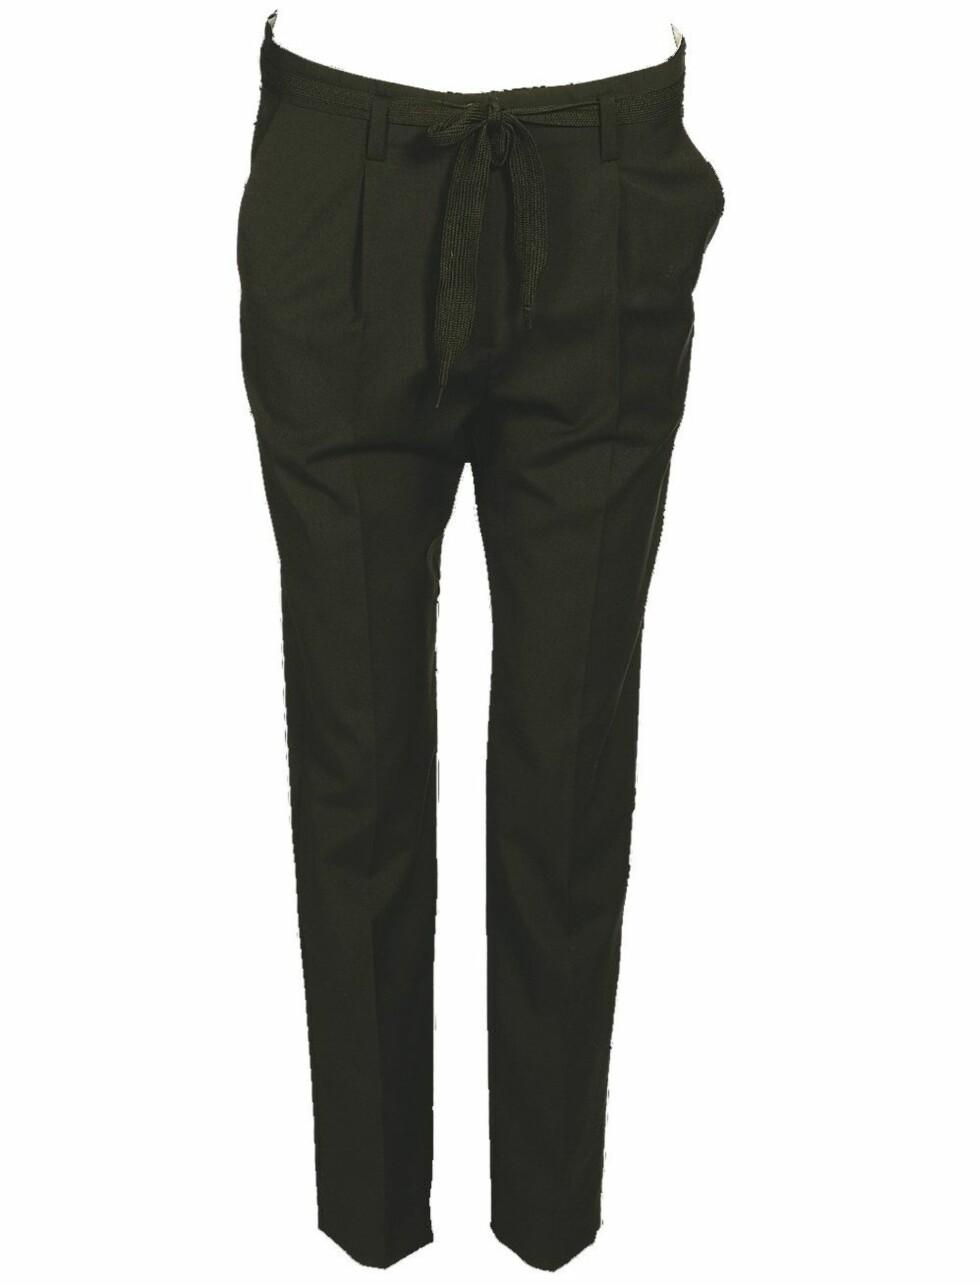 Elegante bukser som er vide i livet (kr 800, BZR).